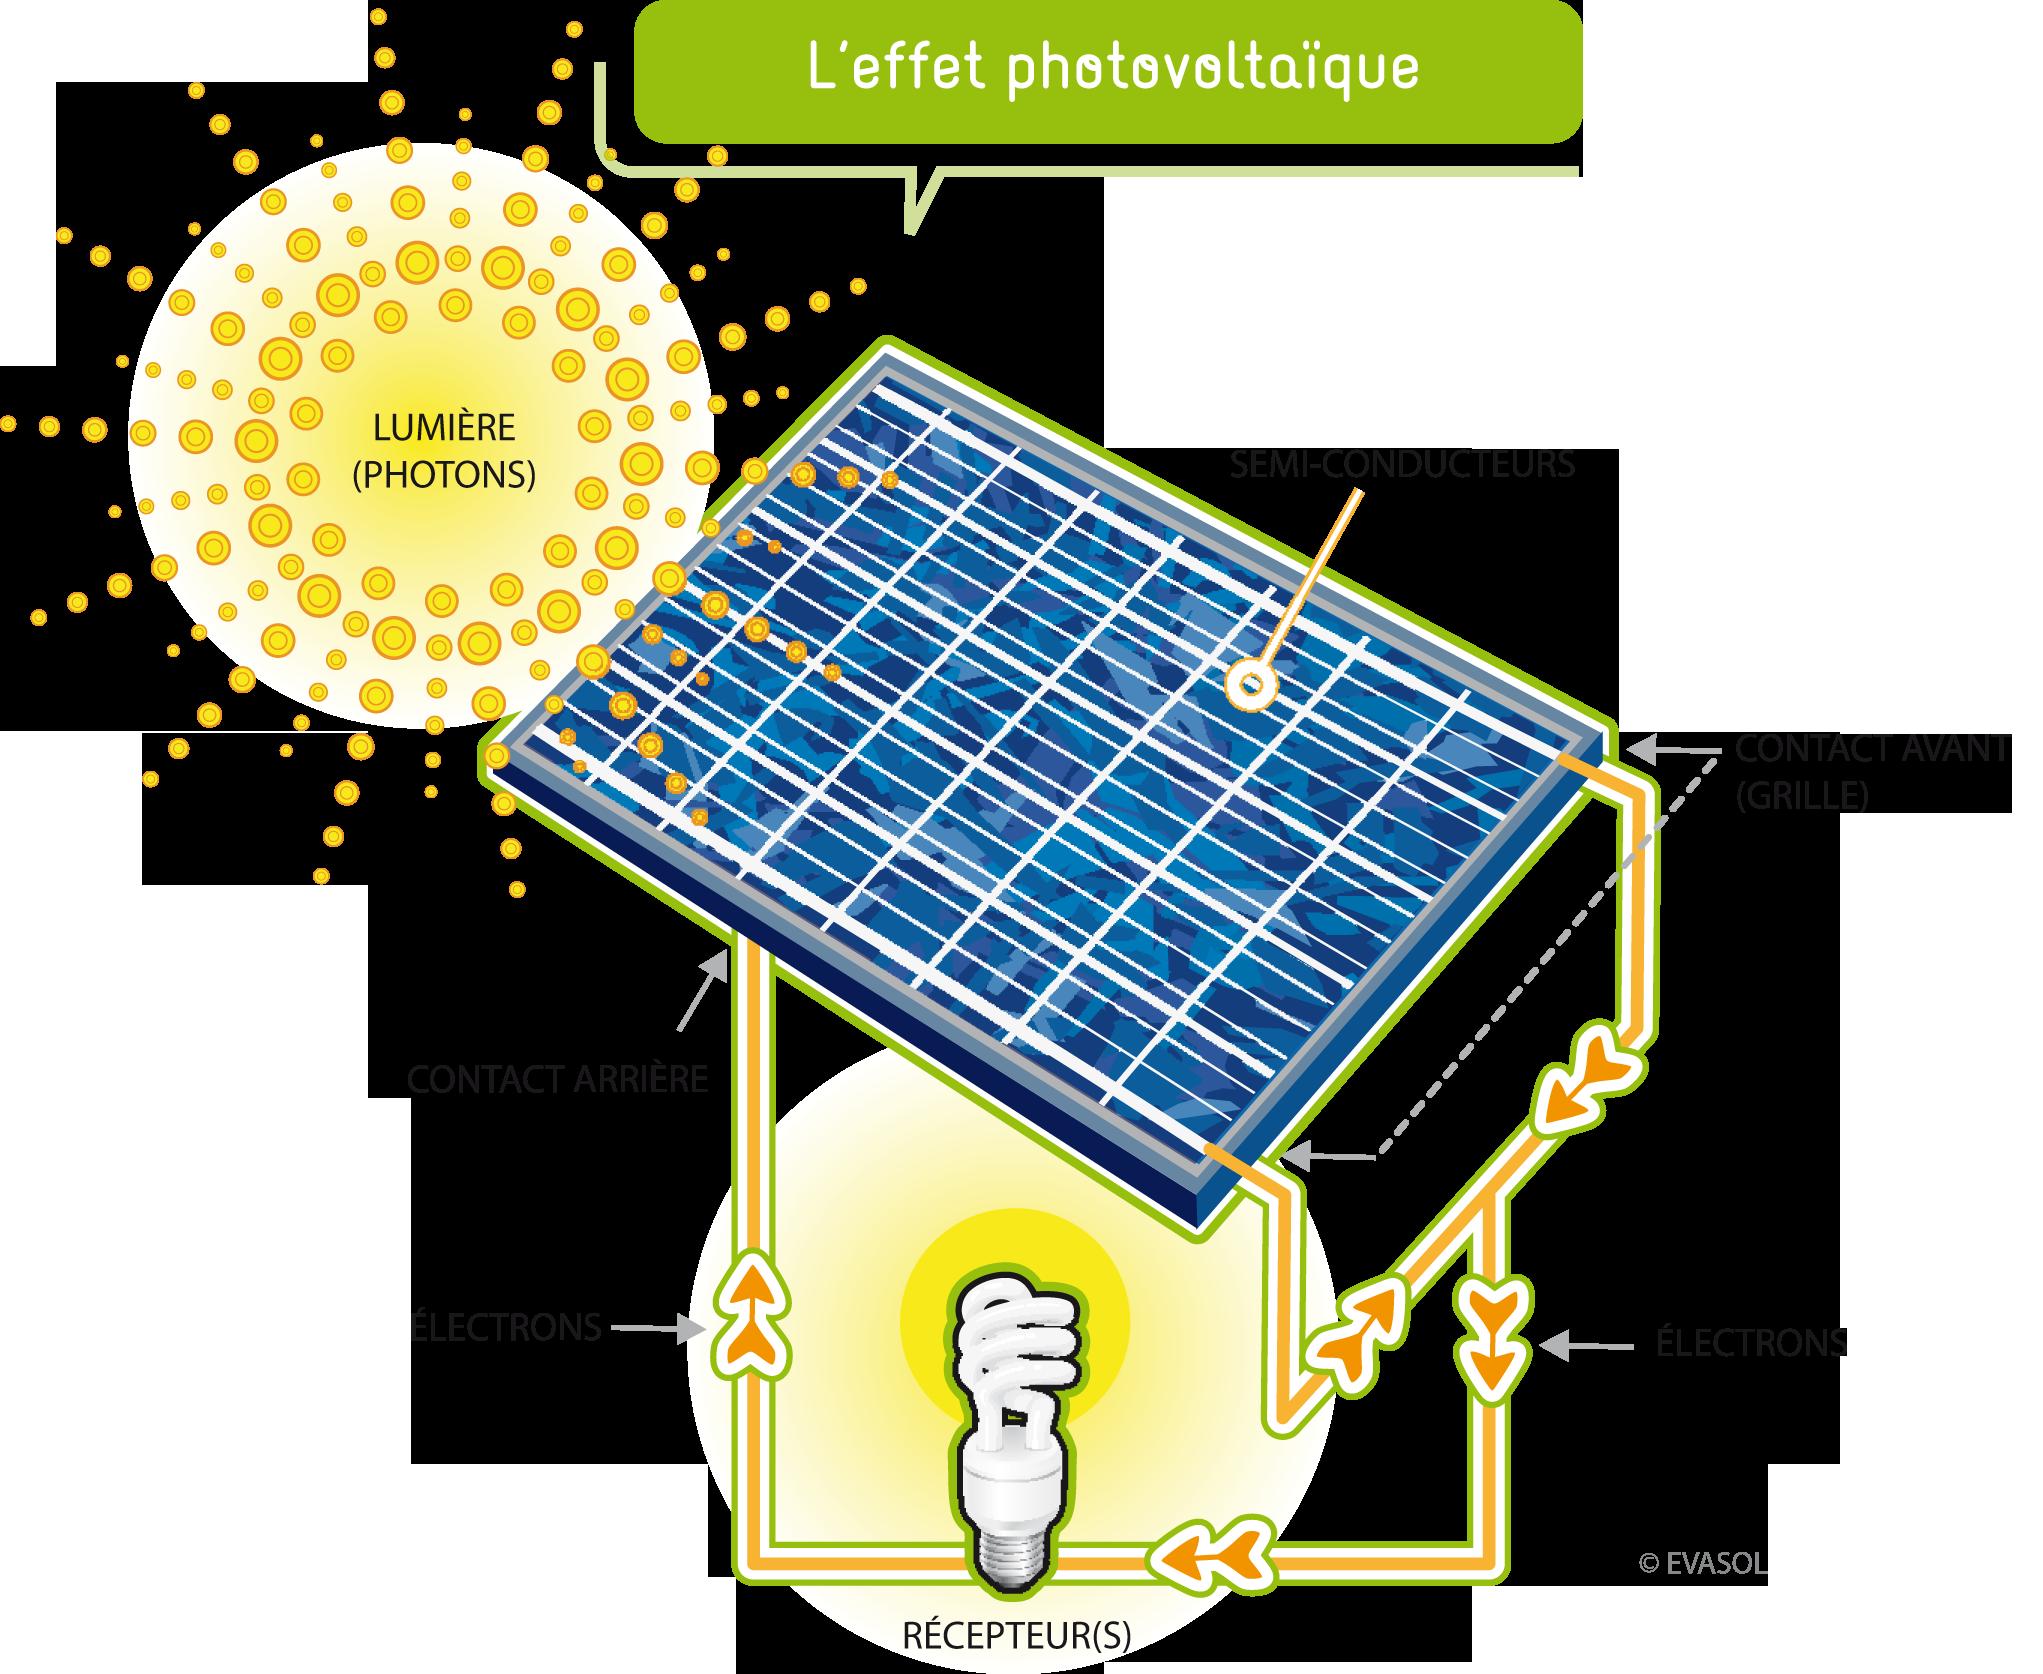 panneaux photovoltaiques fonctionnement energies naturels. Black Bedroom Furniture Sets. Home Design Ideas